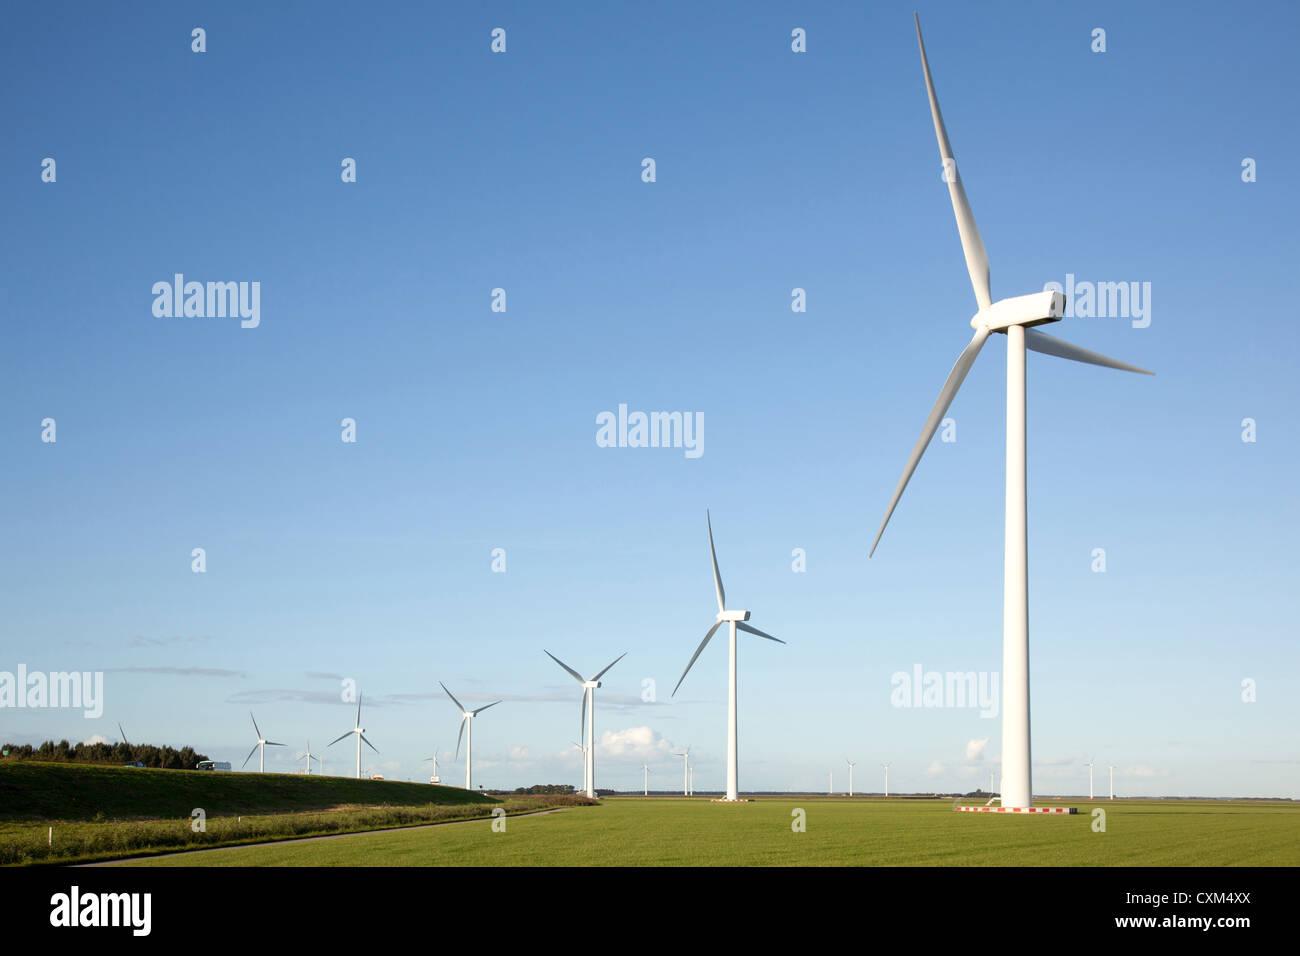 Windkraftanlagen in Folge in der niederländischen Provinz Flevoland Stockbild